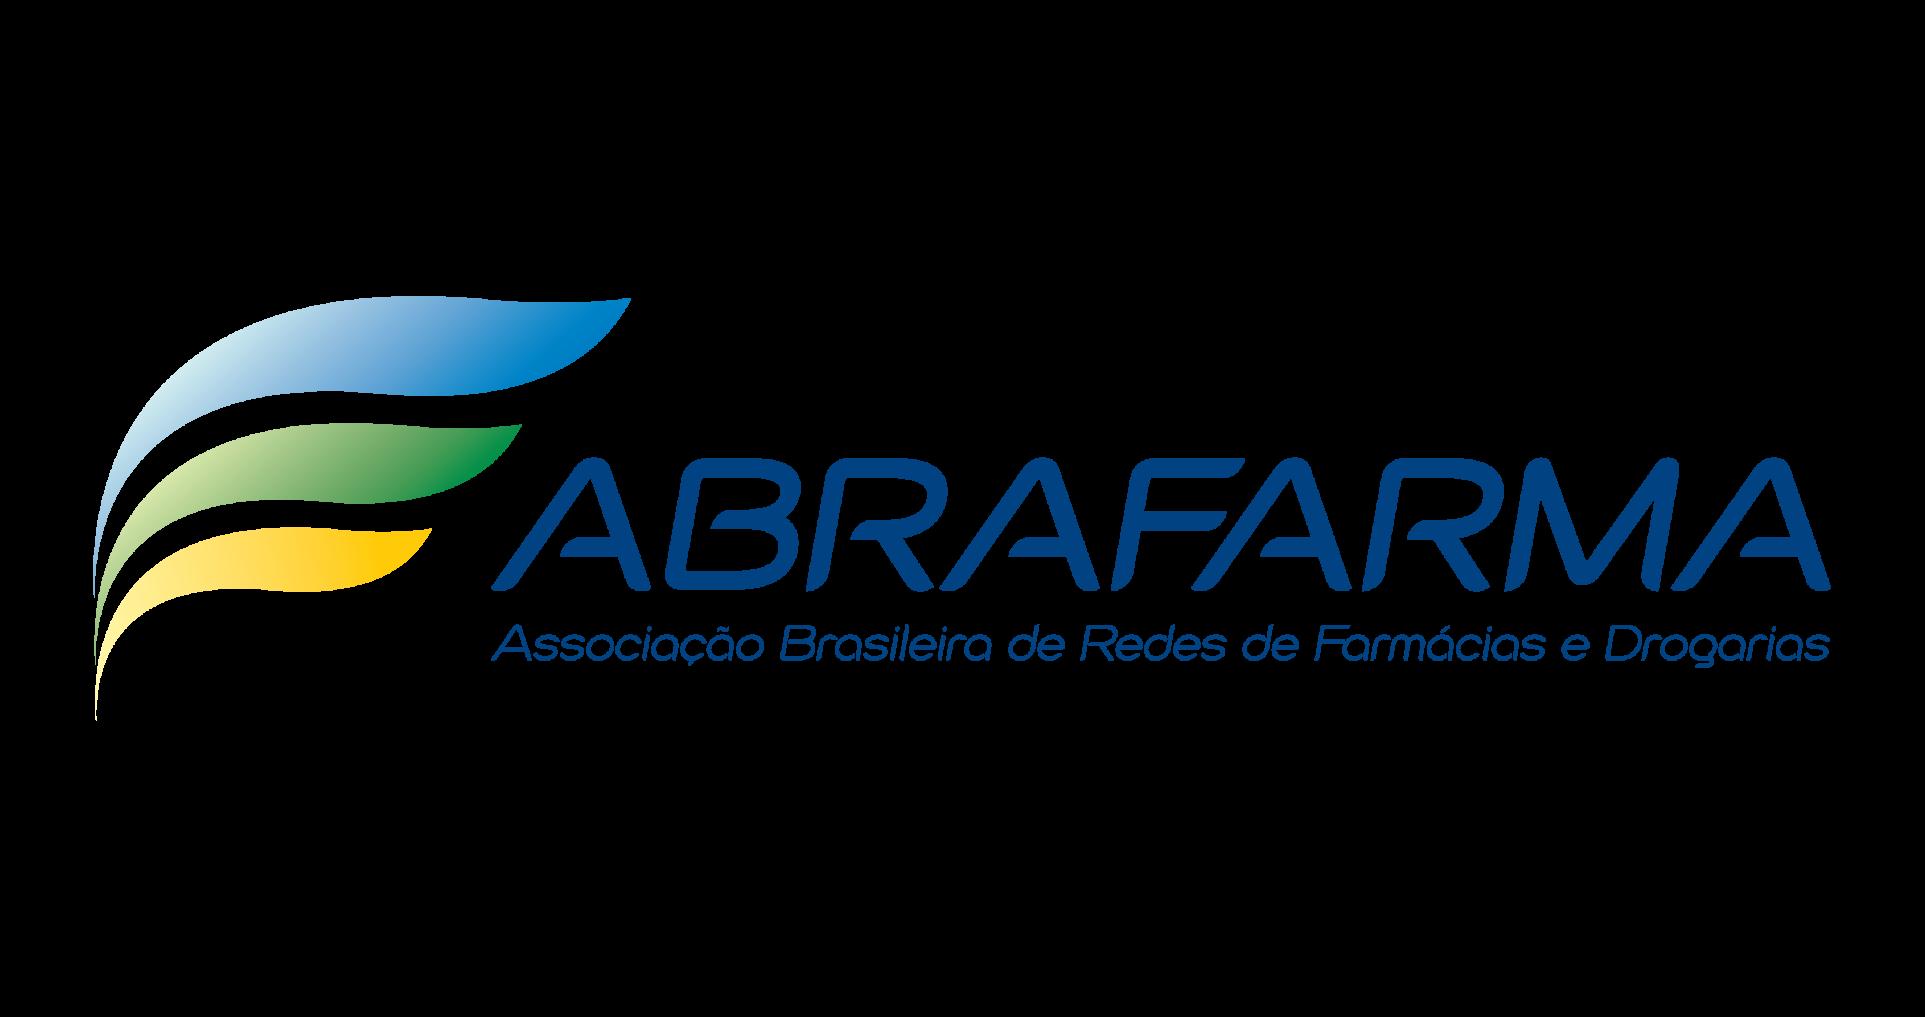 ABRAFARMA – ASSOCIAÇÃO BRASILEIRA DE REDES DE FARMÁCIAS E DROGARIAS